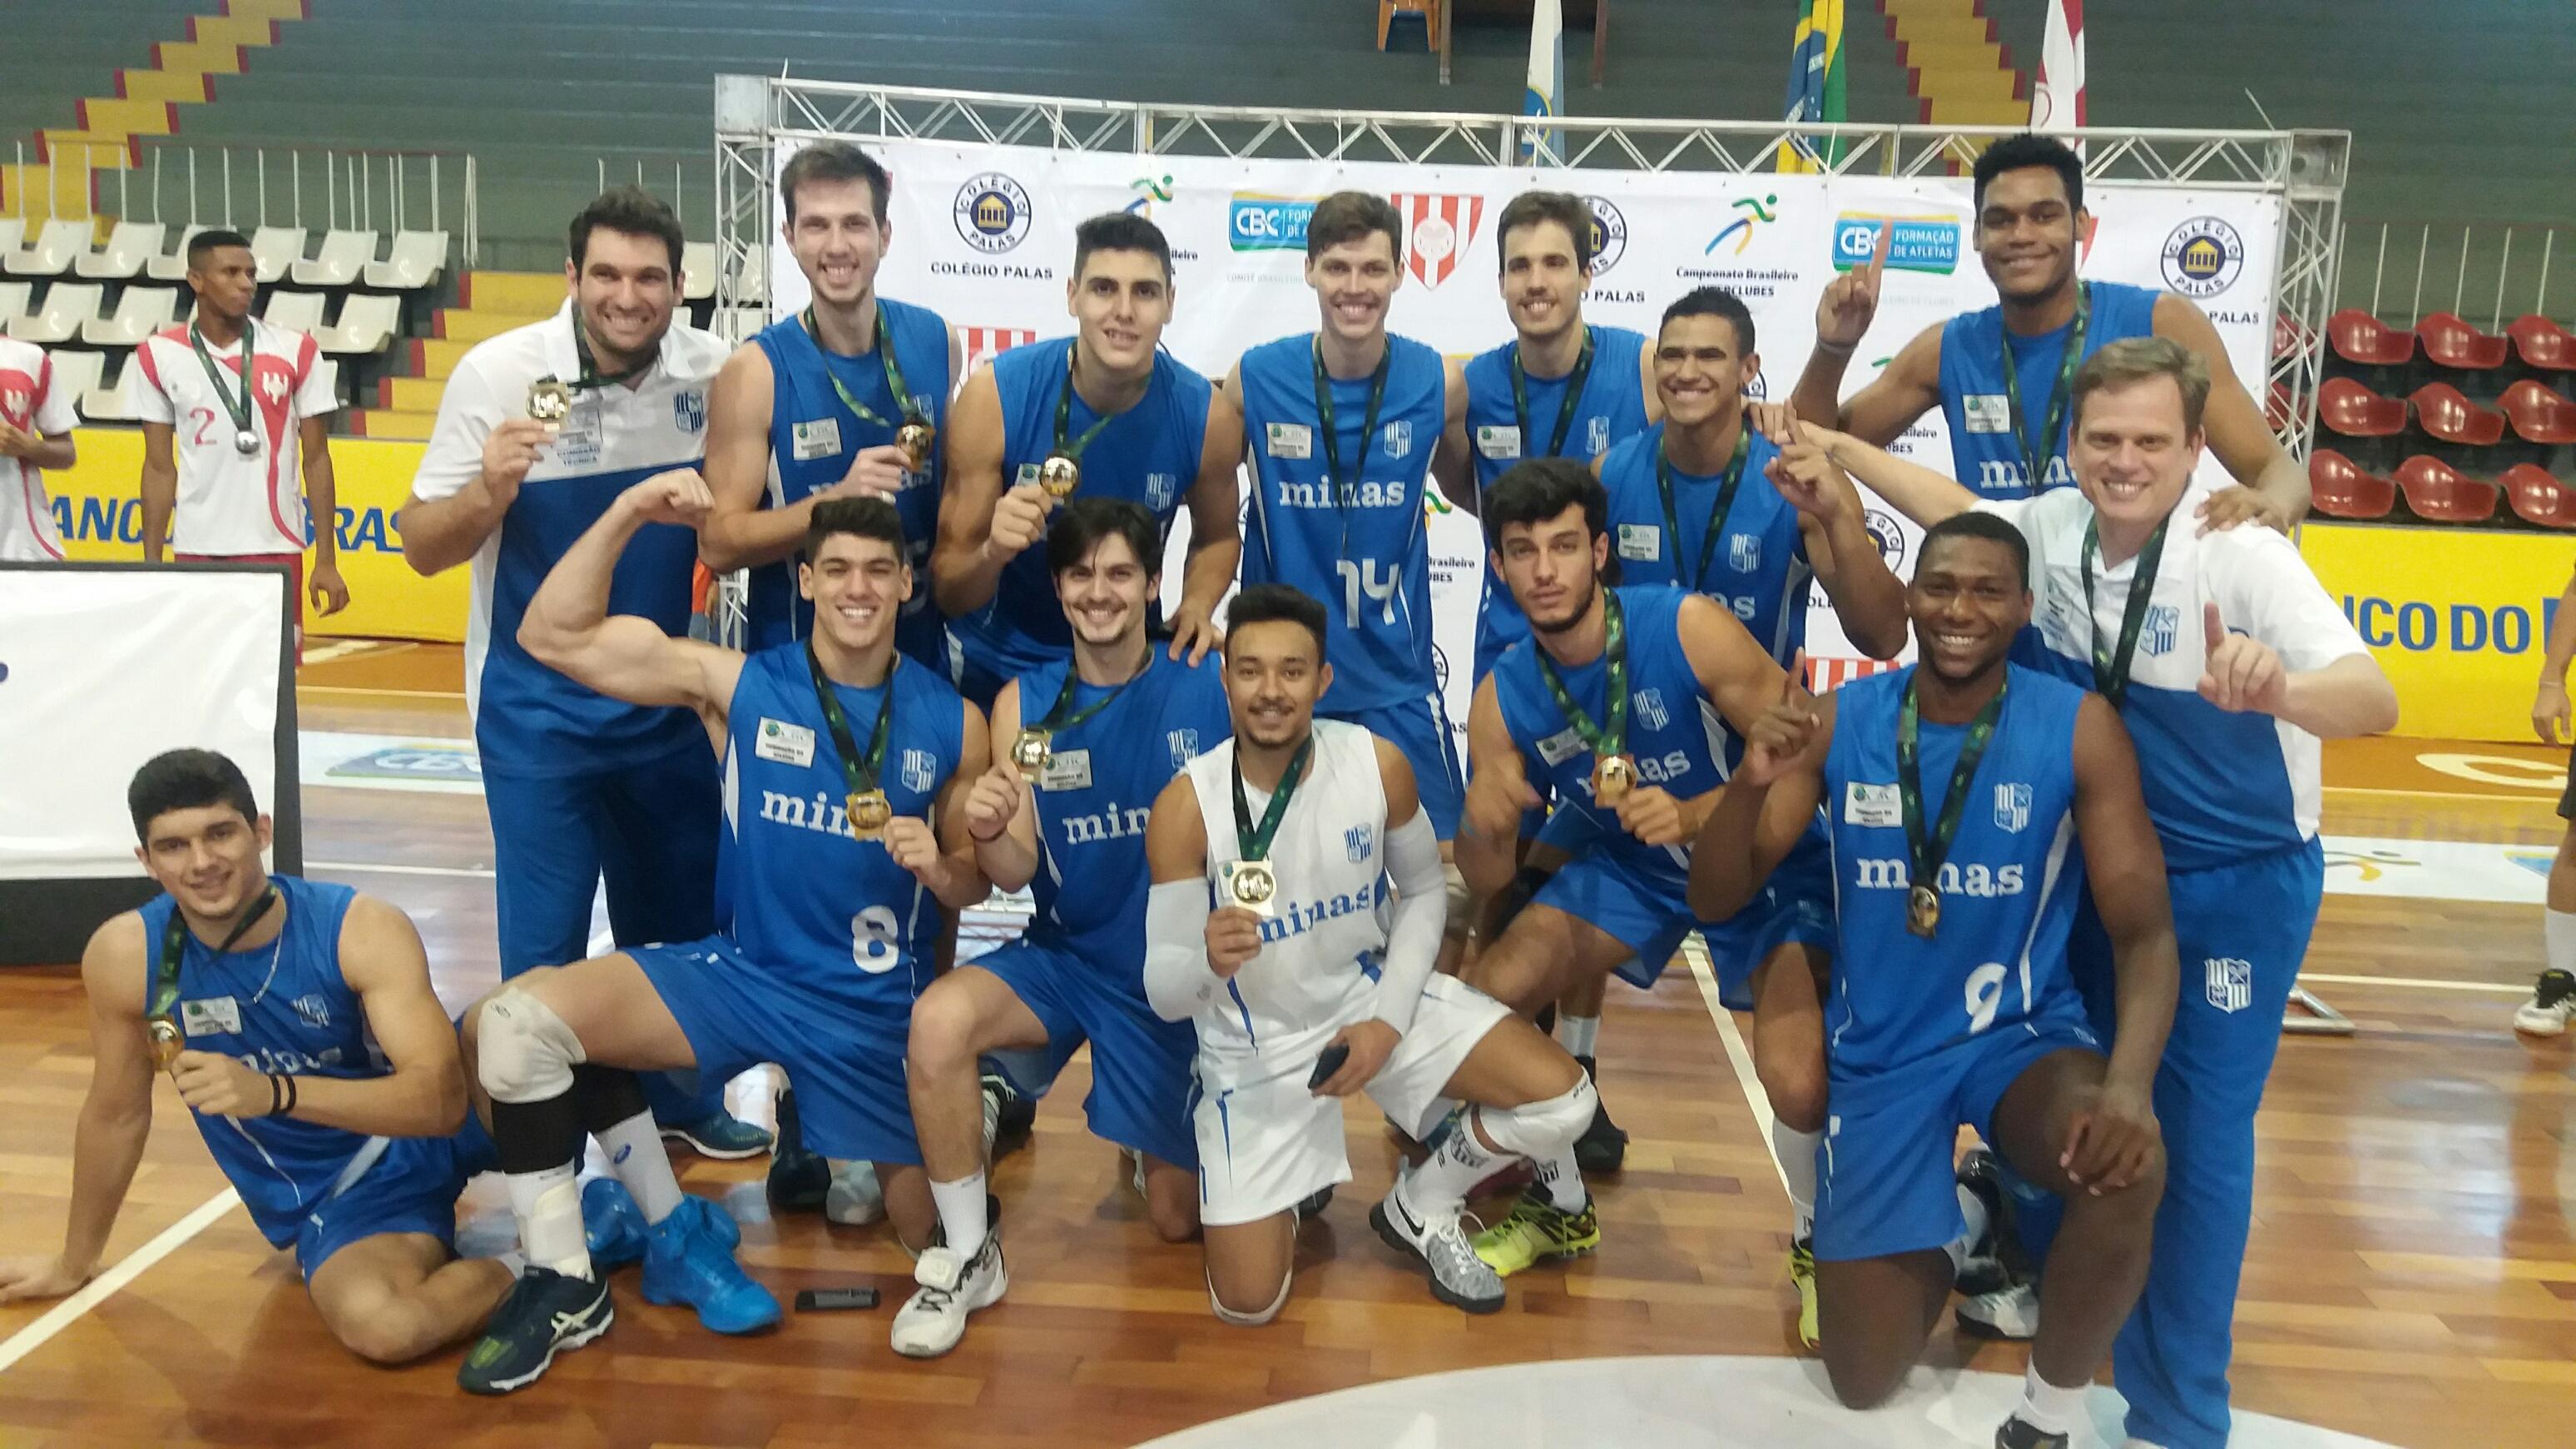 Minas Tênis Clube vence o Tijuca e fica com o ouro